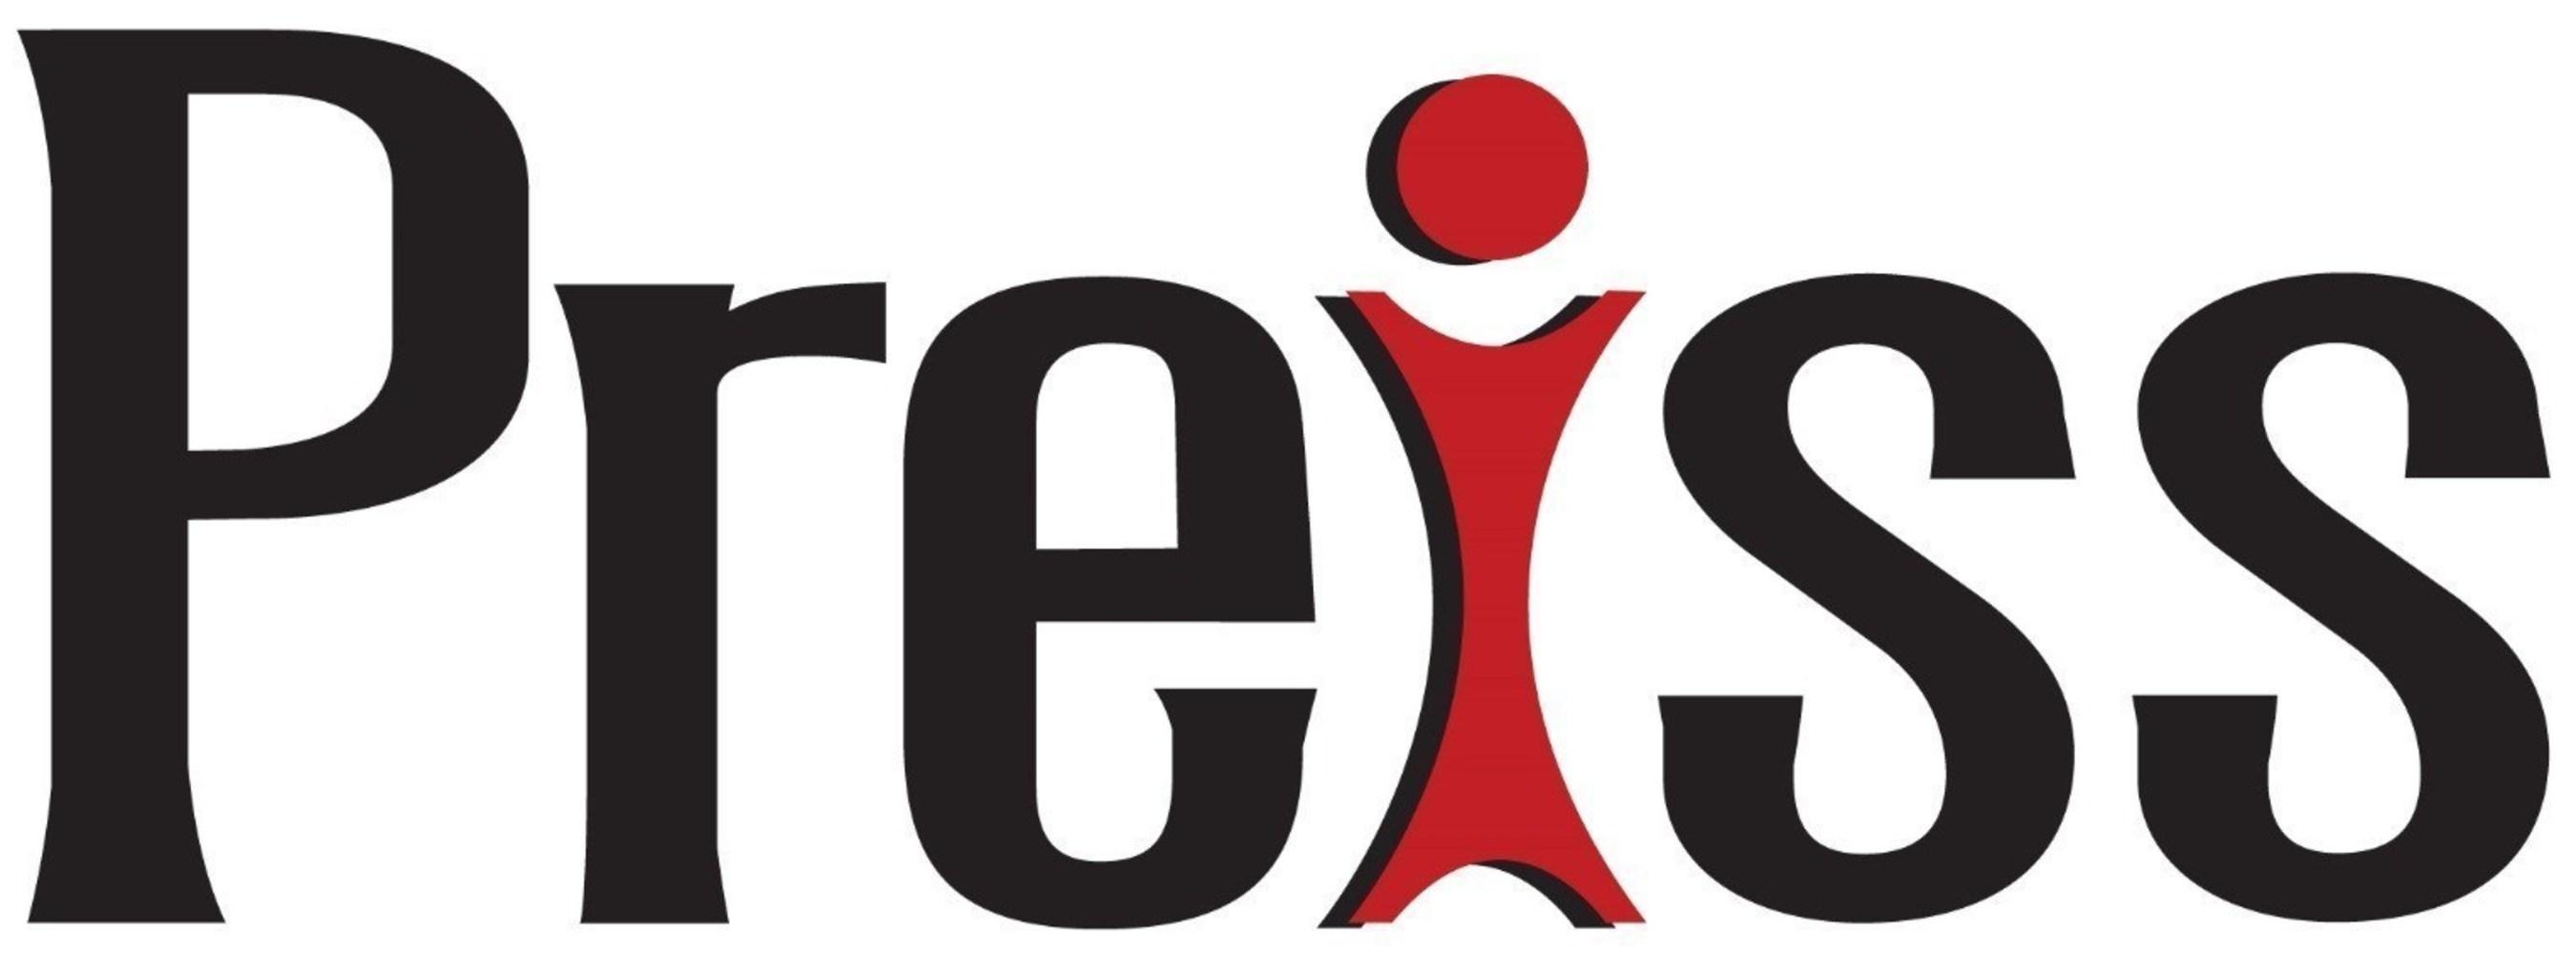 The Preiss Company Logo